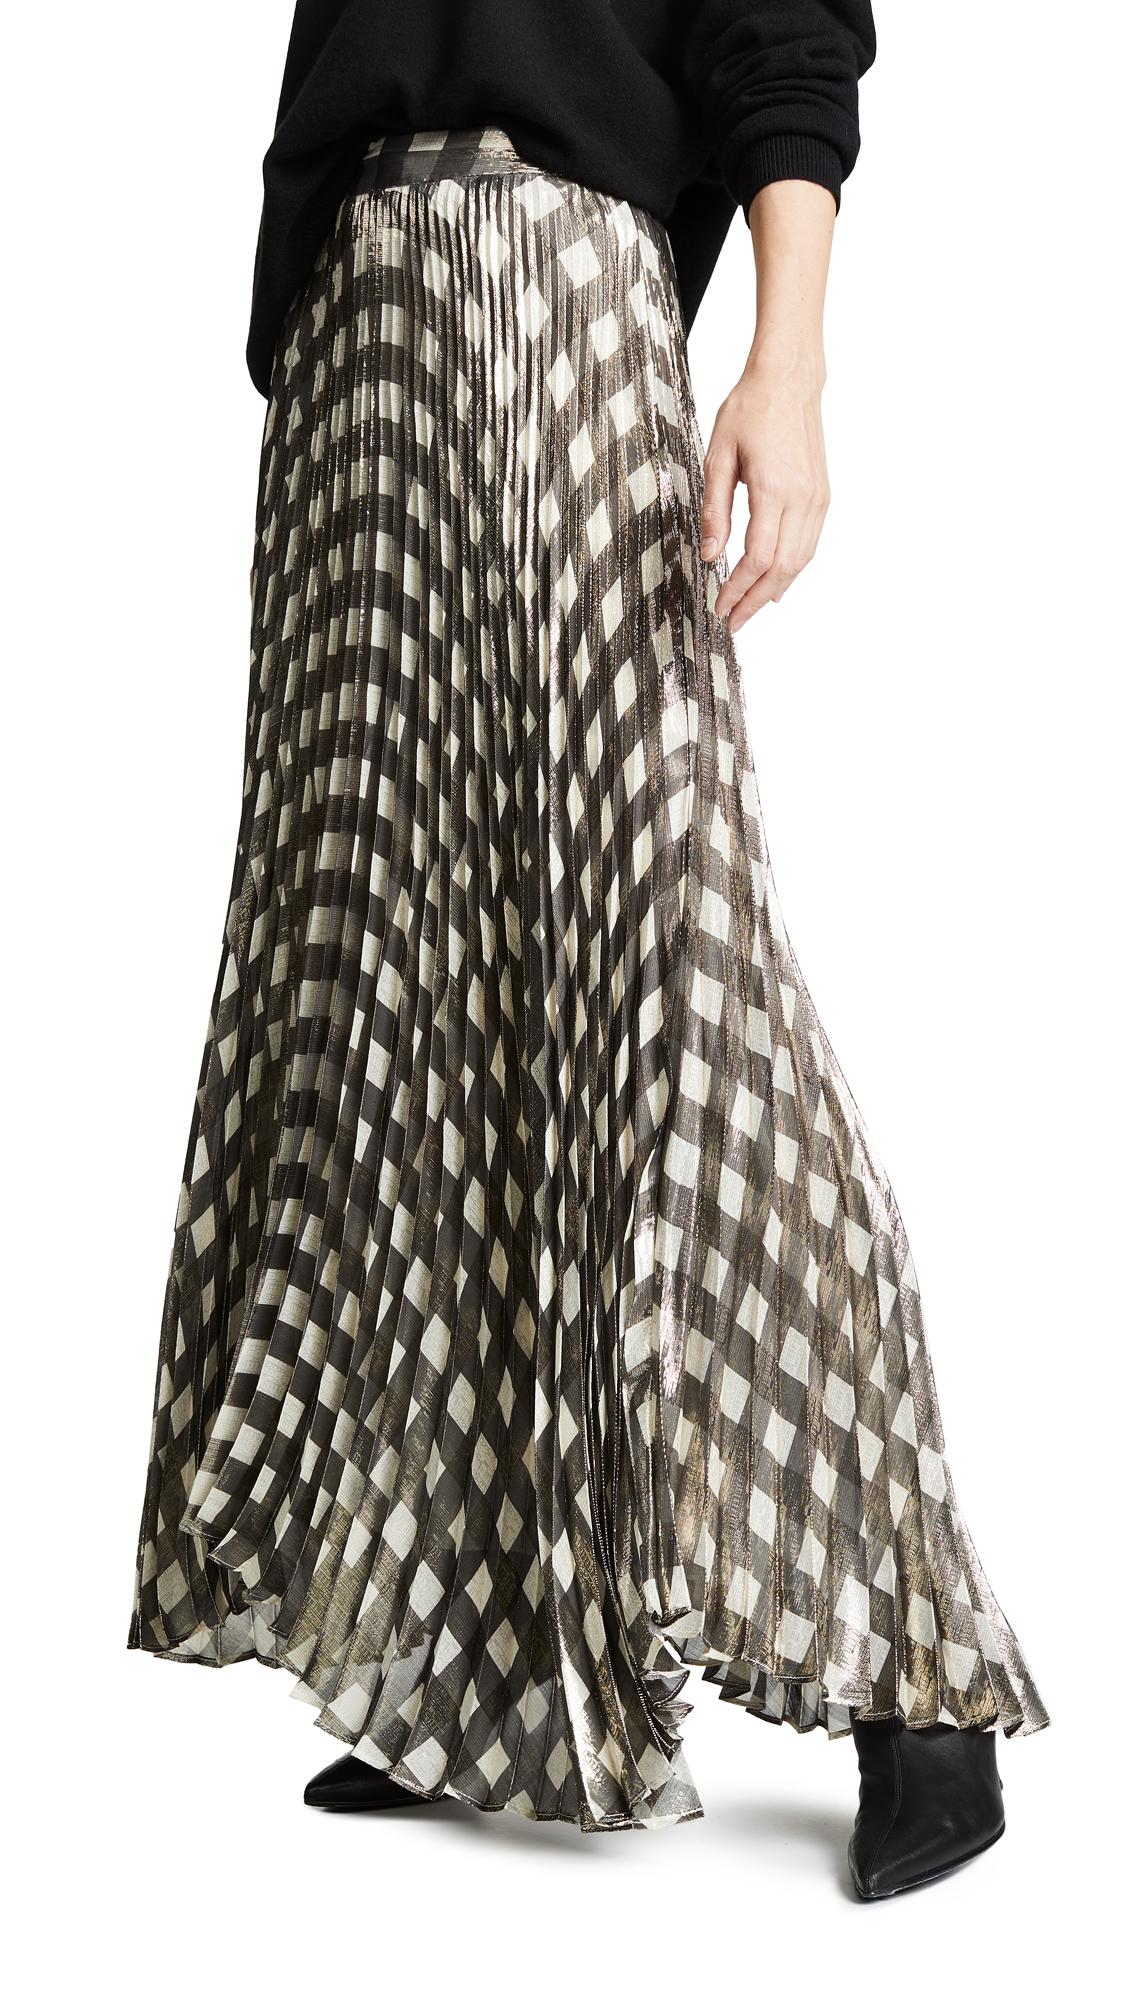 Katz Pleated Maxi Skirt, Check Plaid Soft White